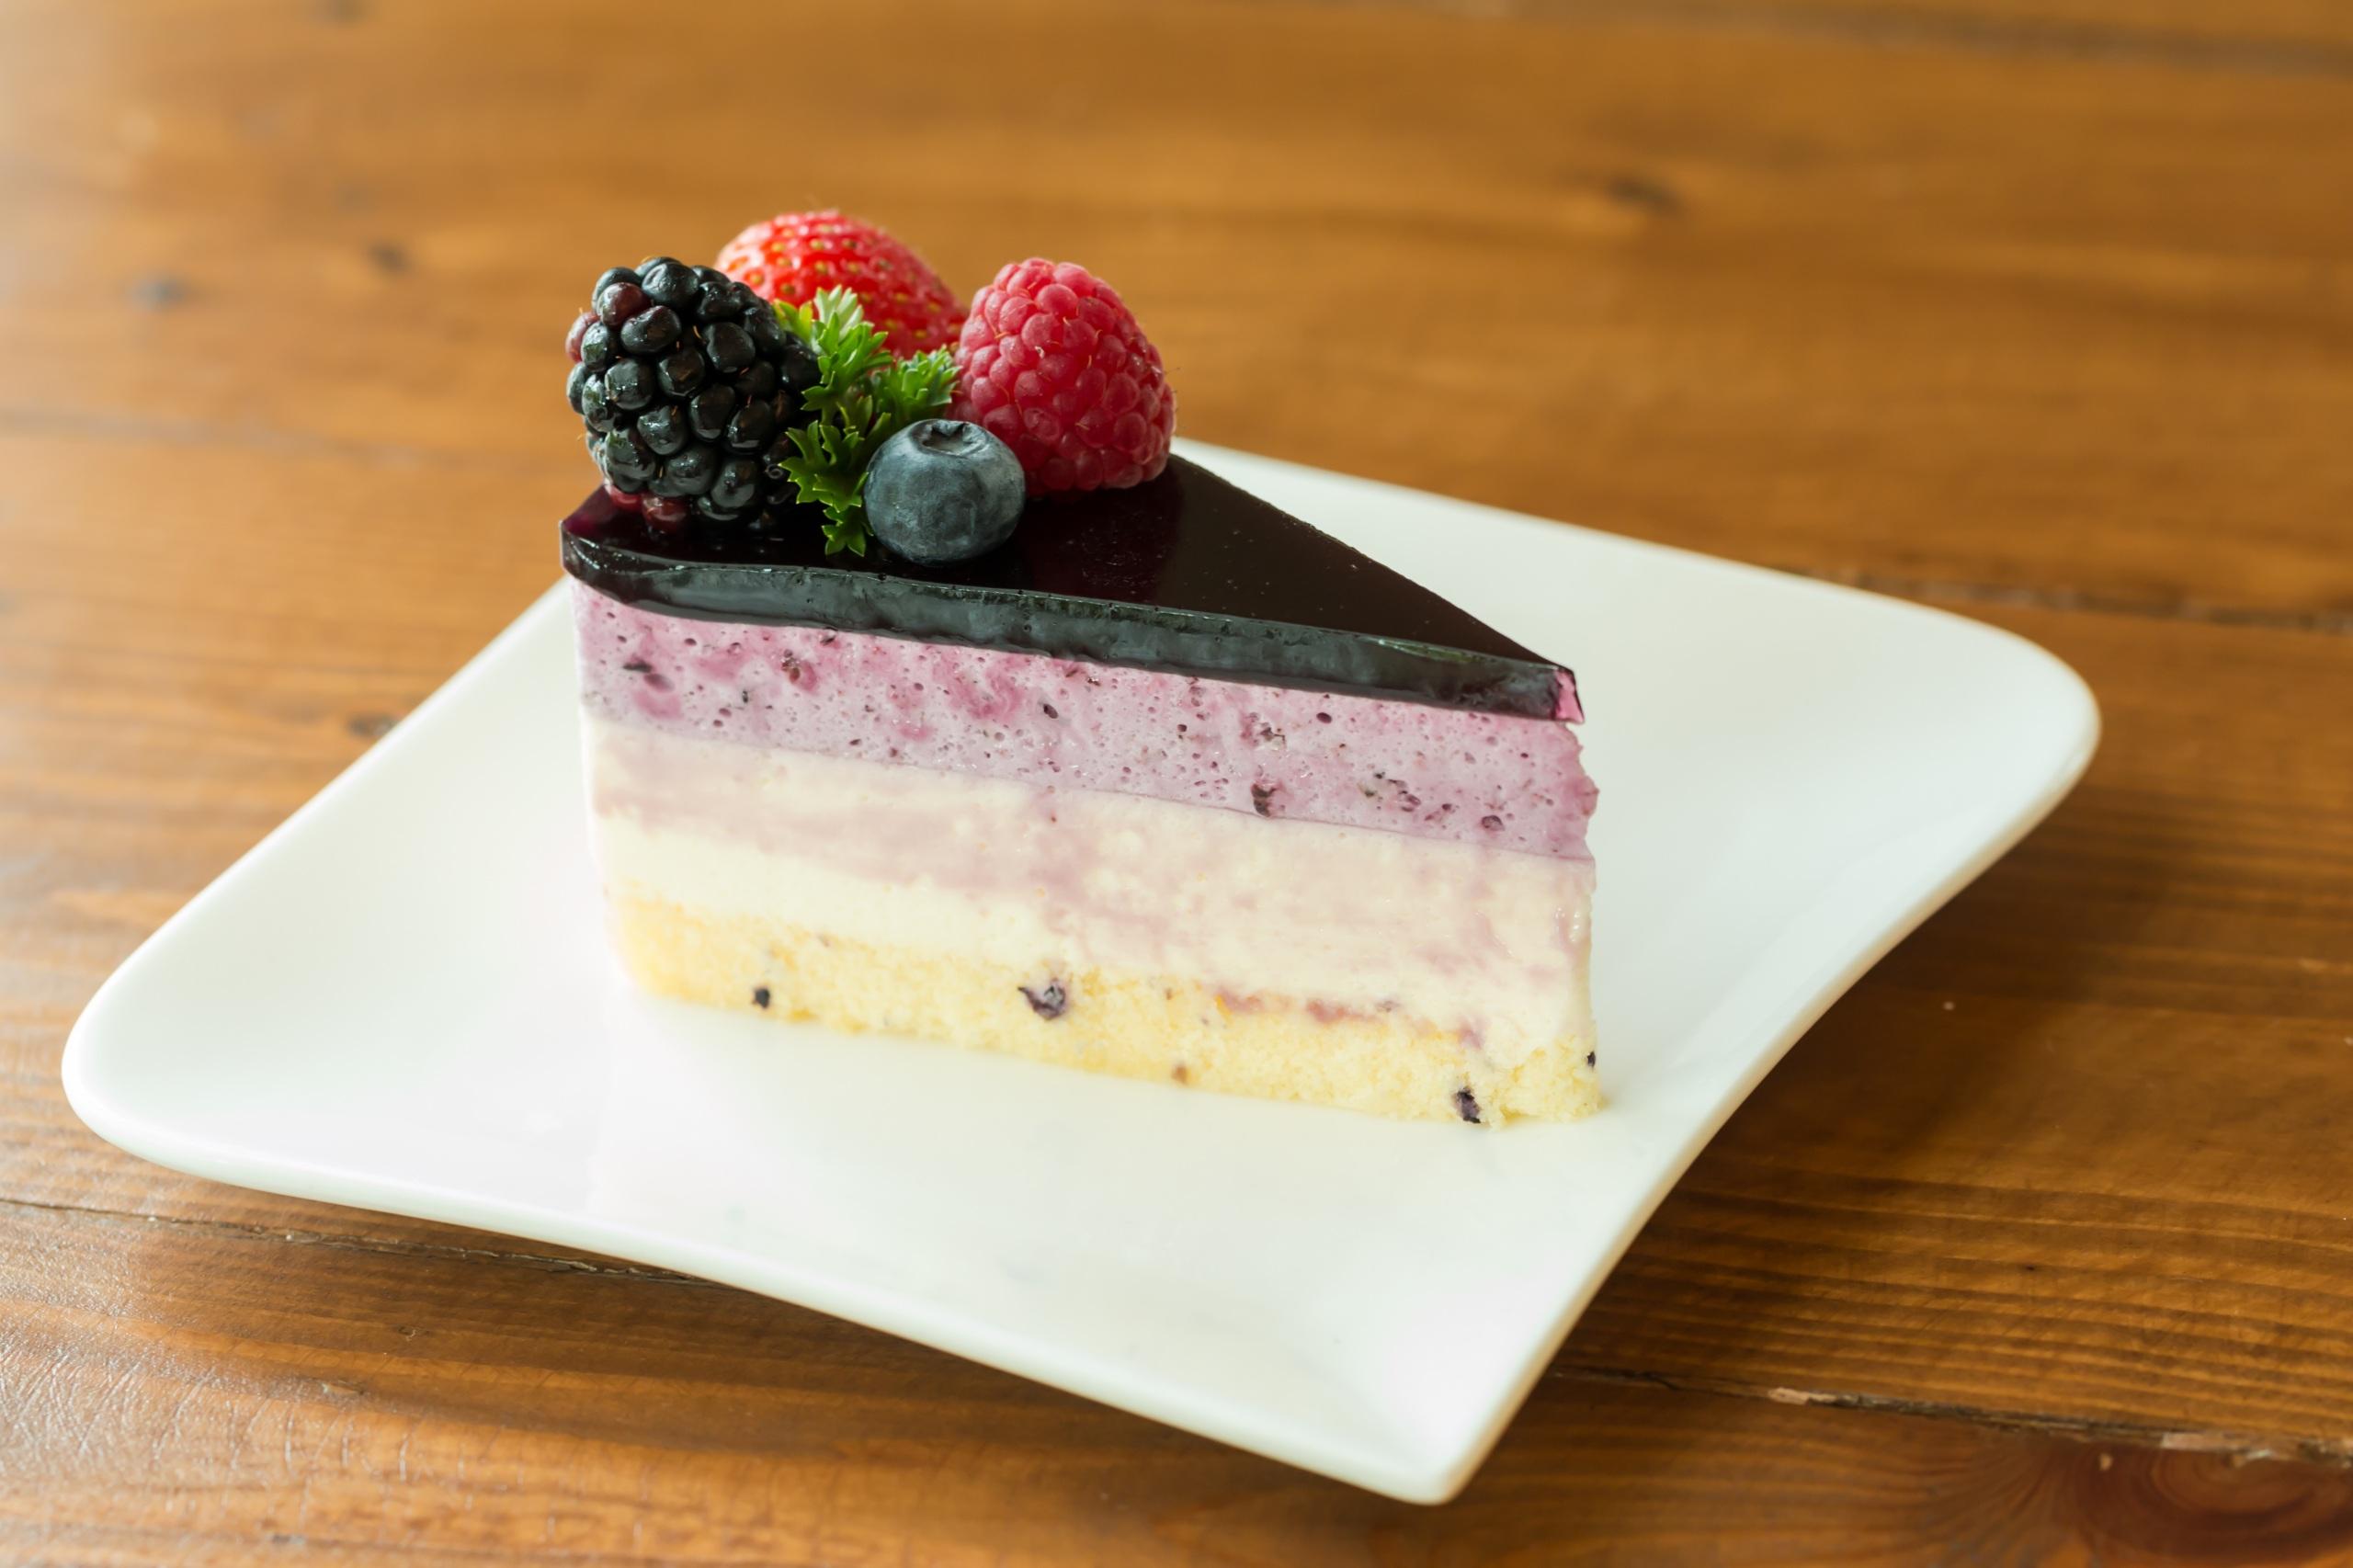 Фотографии Торты Кусок Десерт Еда Ягоды Тарелка 2560x1706 часть кусочки кусочек Пища тарелке Продукты питания